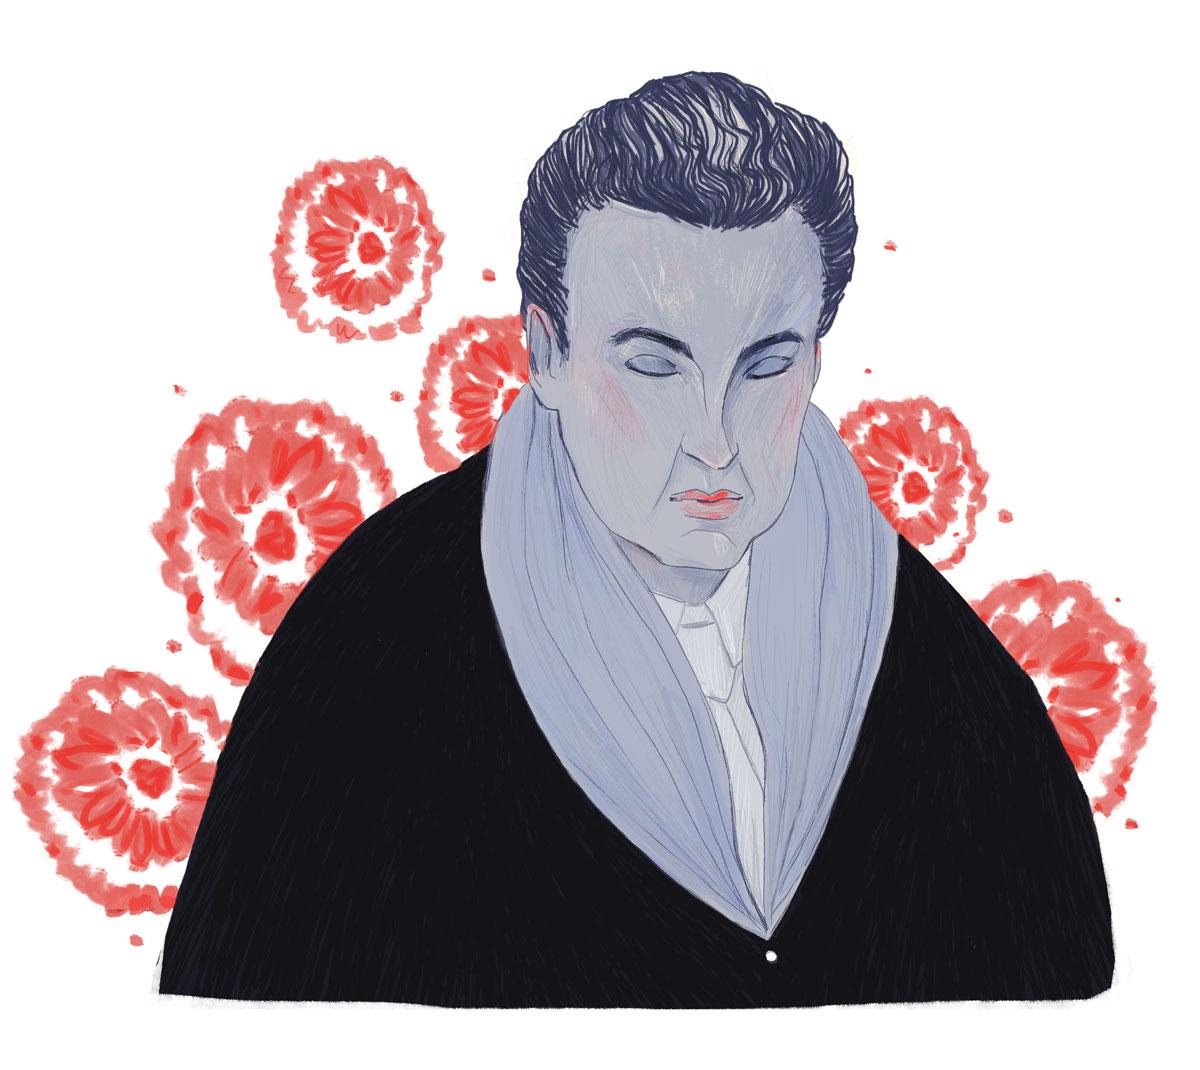 Illustration des Modeillustrators George Lepape gezeichnet in seinem Stil mit Blumen und Mantel